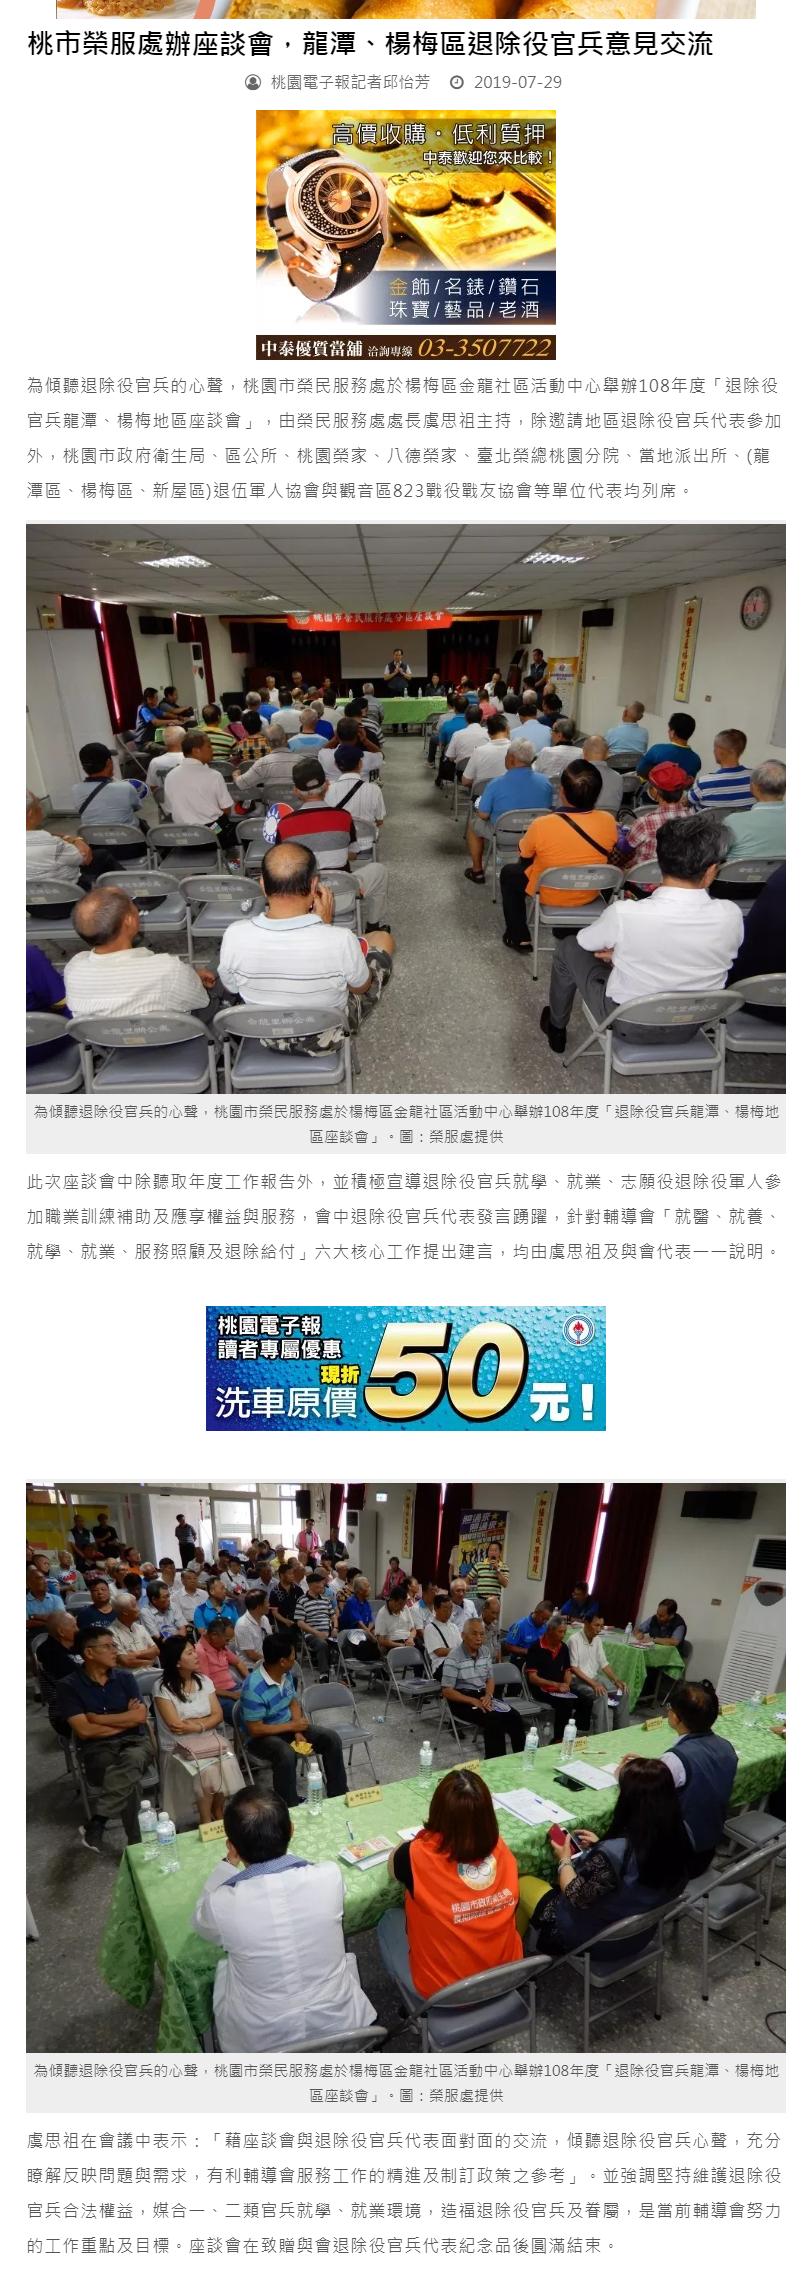 桃市榮服處辦座談會,龍潭、楊梅區退除役官兵意見交流